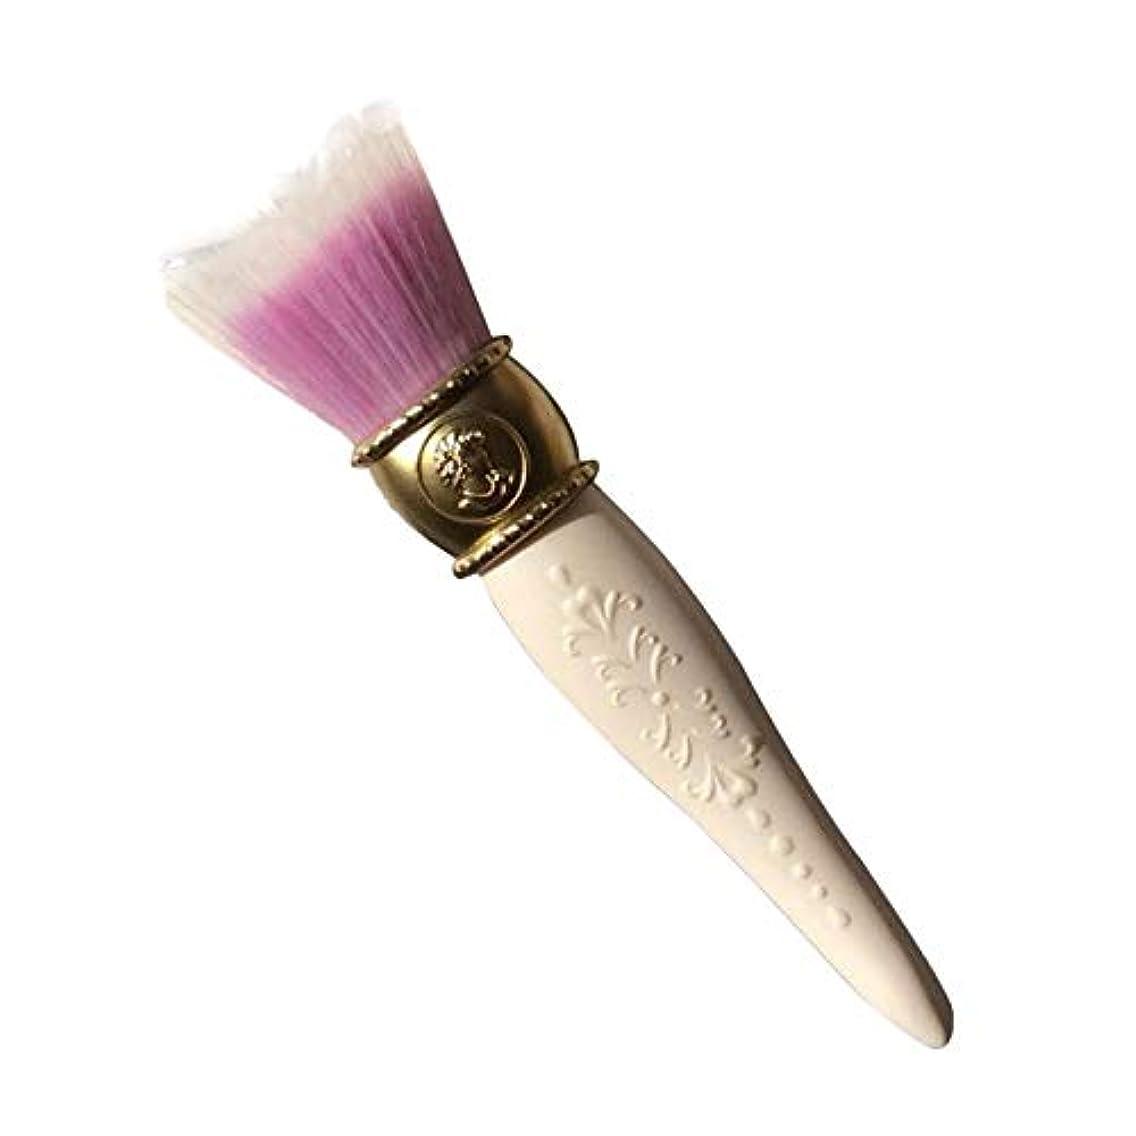 バブル駅いとこ笑え熊 貴族のシルバー ゴールド 高級タクロン 高級繊維毛 化粧ブラシ 化粧筆 手作業 化粧ポーチ付き